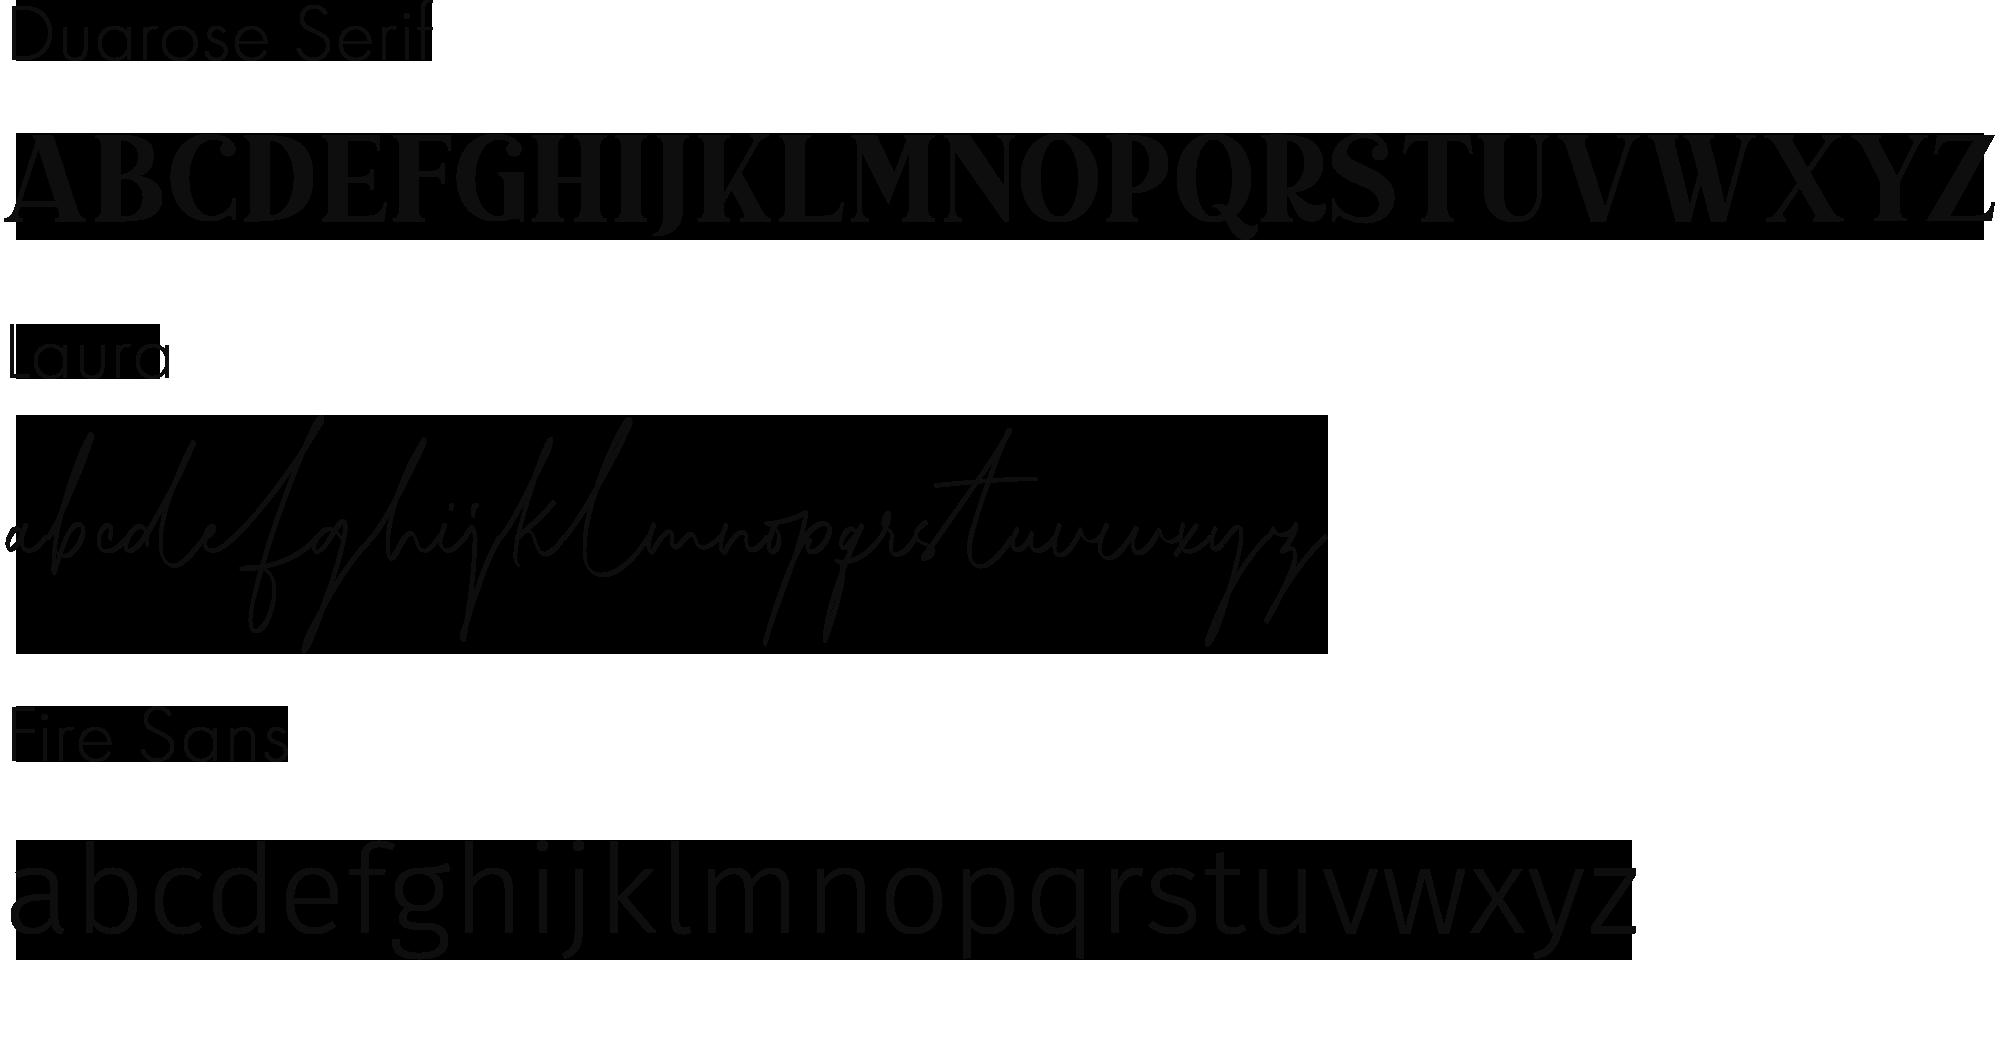 fonts2.png